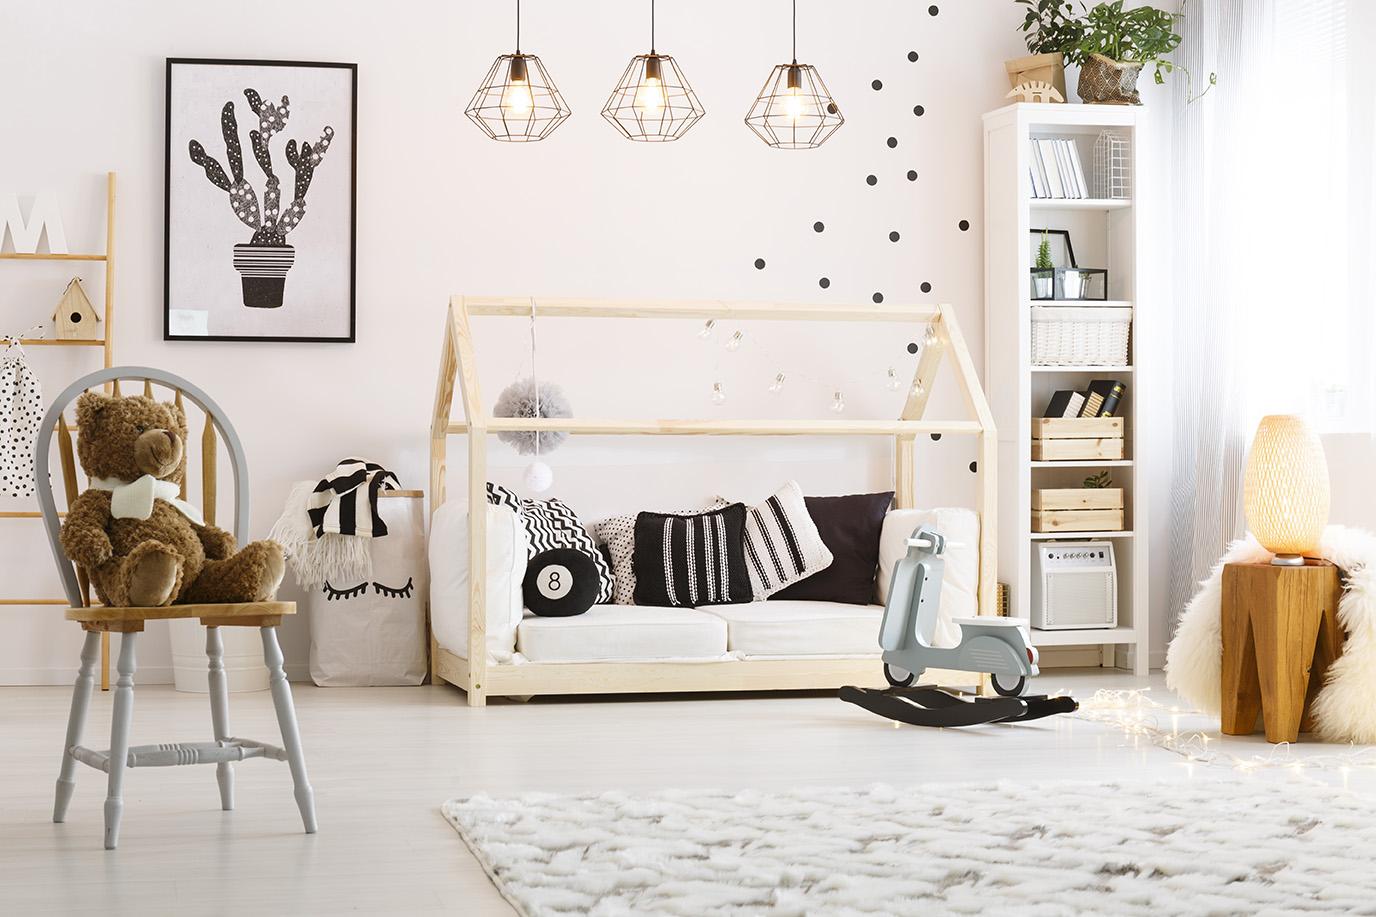 lit Montessori au sol pour bébé